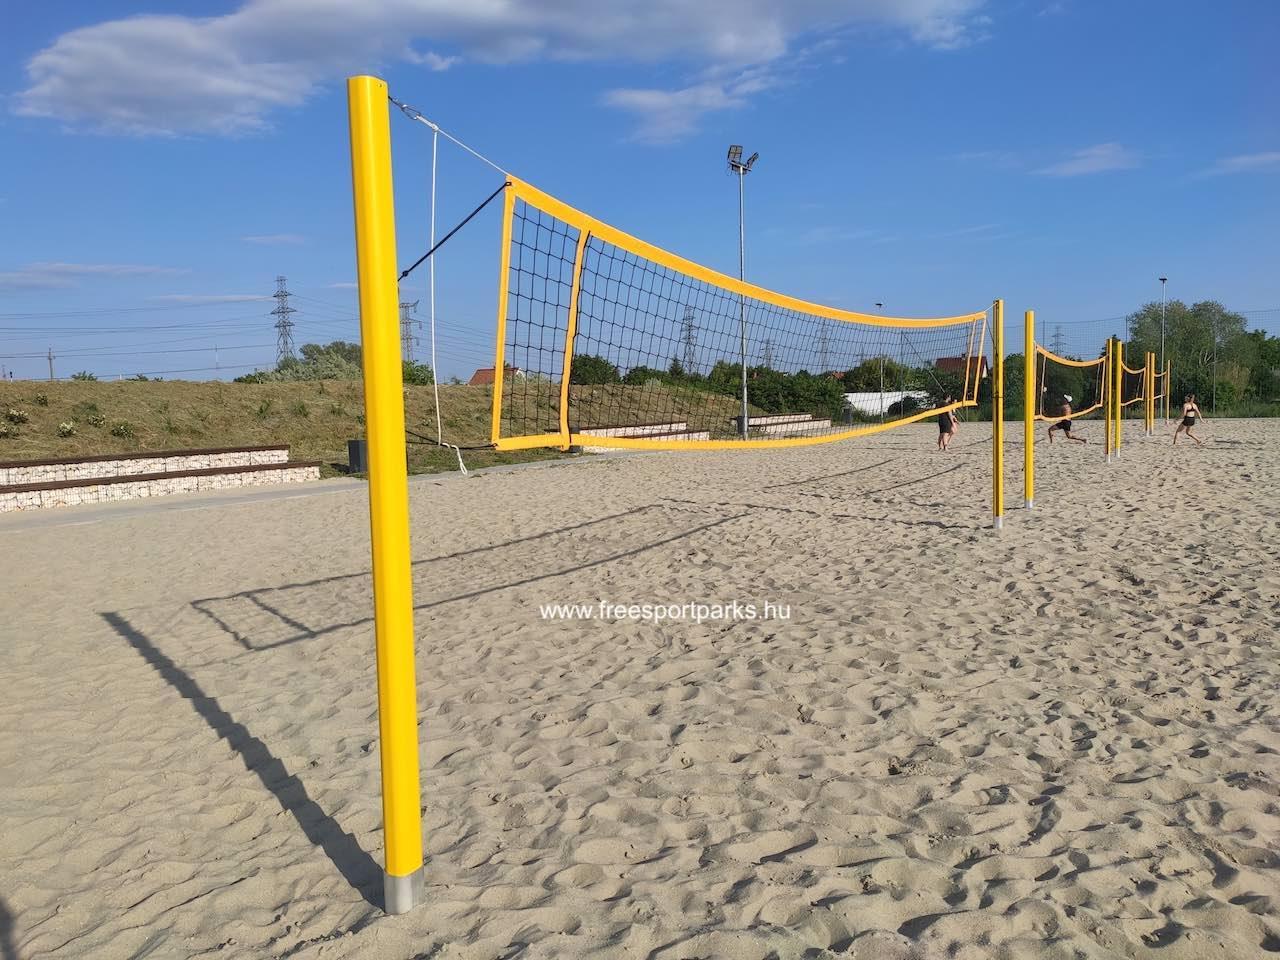 strandröplabda pálya - Érdliget szabadidőpark - Free Sport Parks térkép